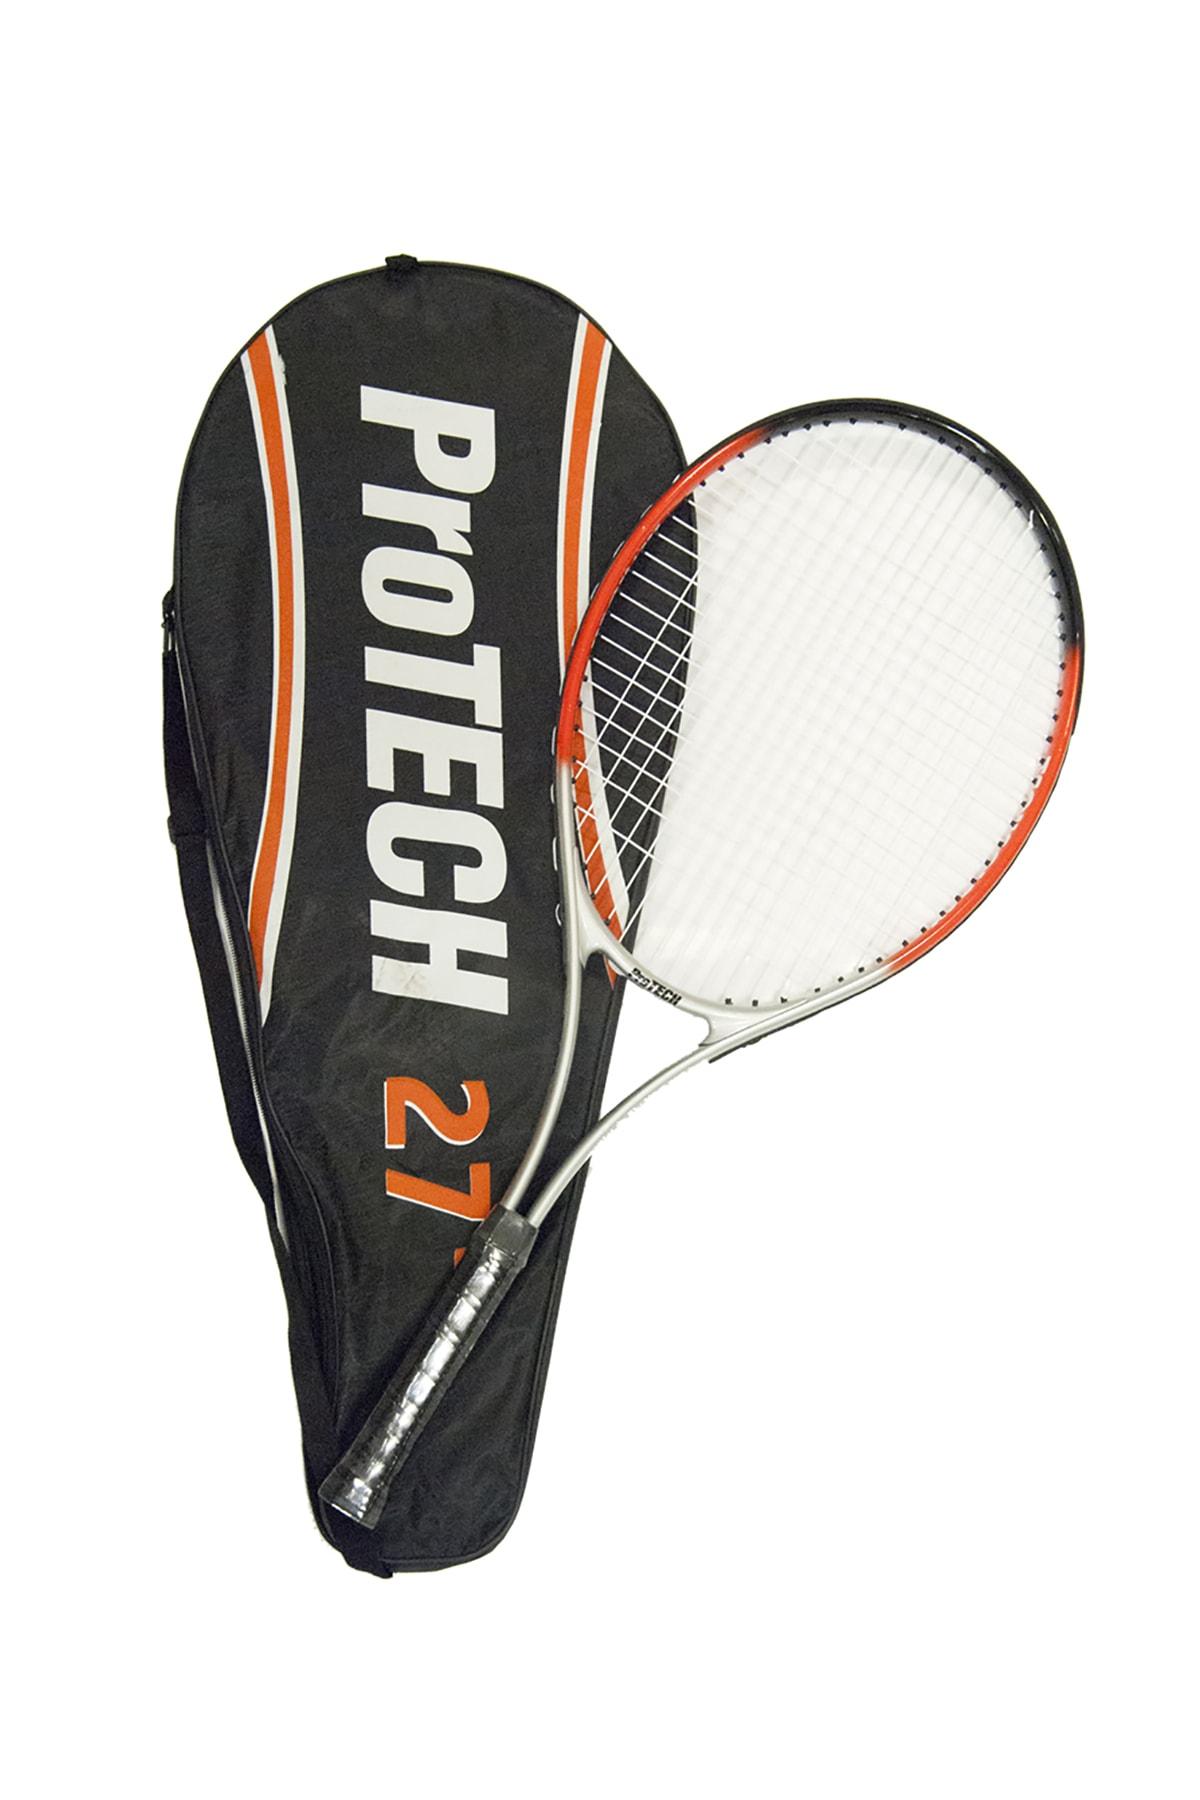 PROTECH M500 Tenis Raketi - 27 1